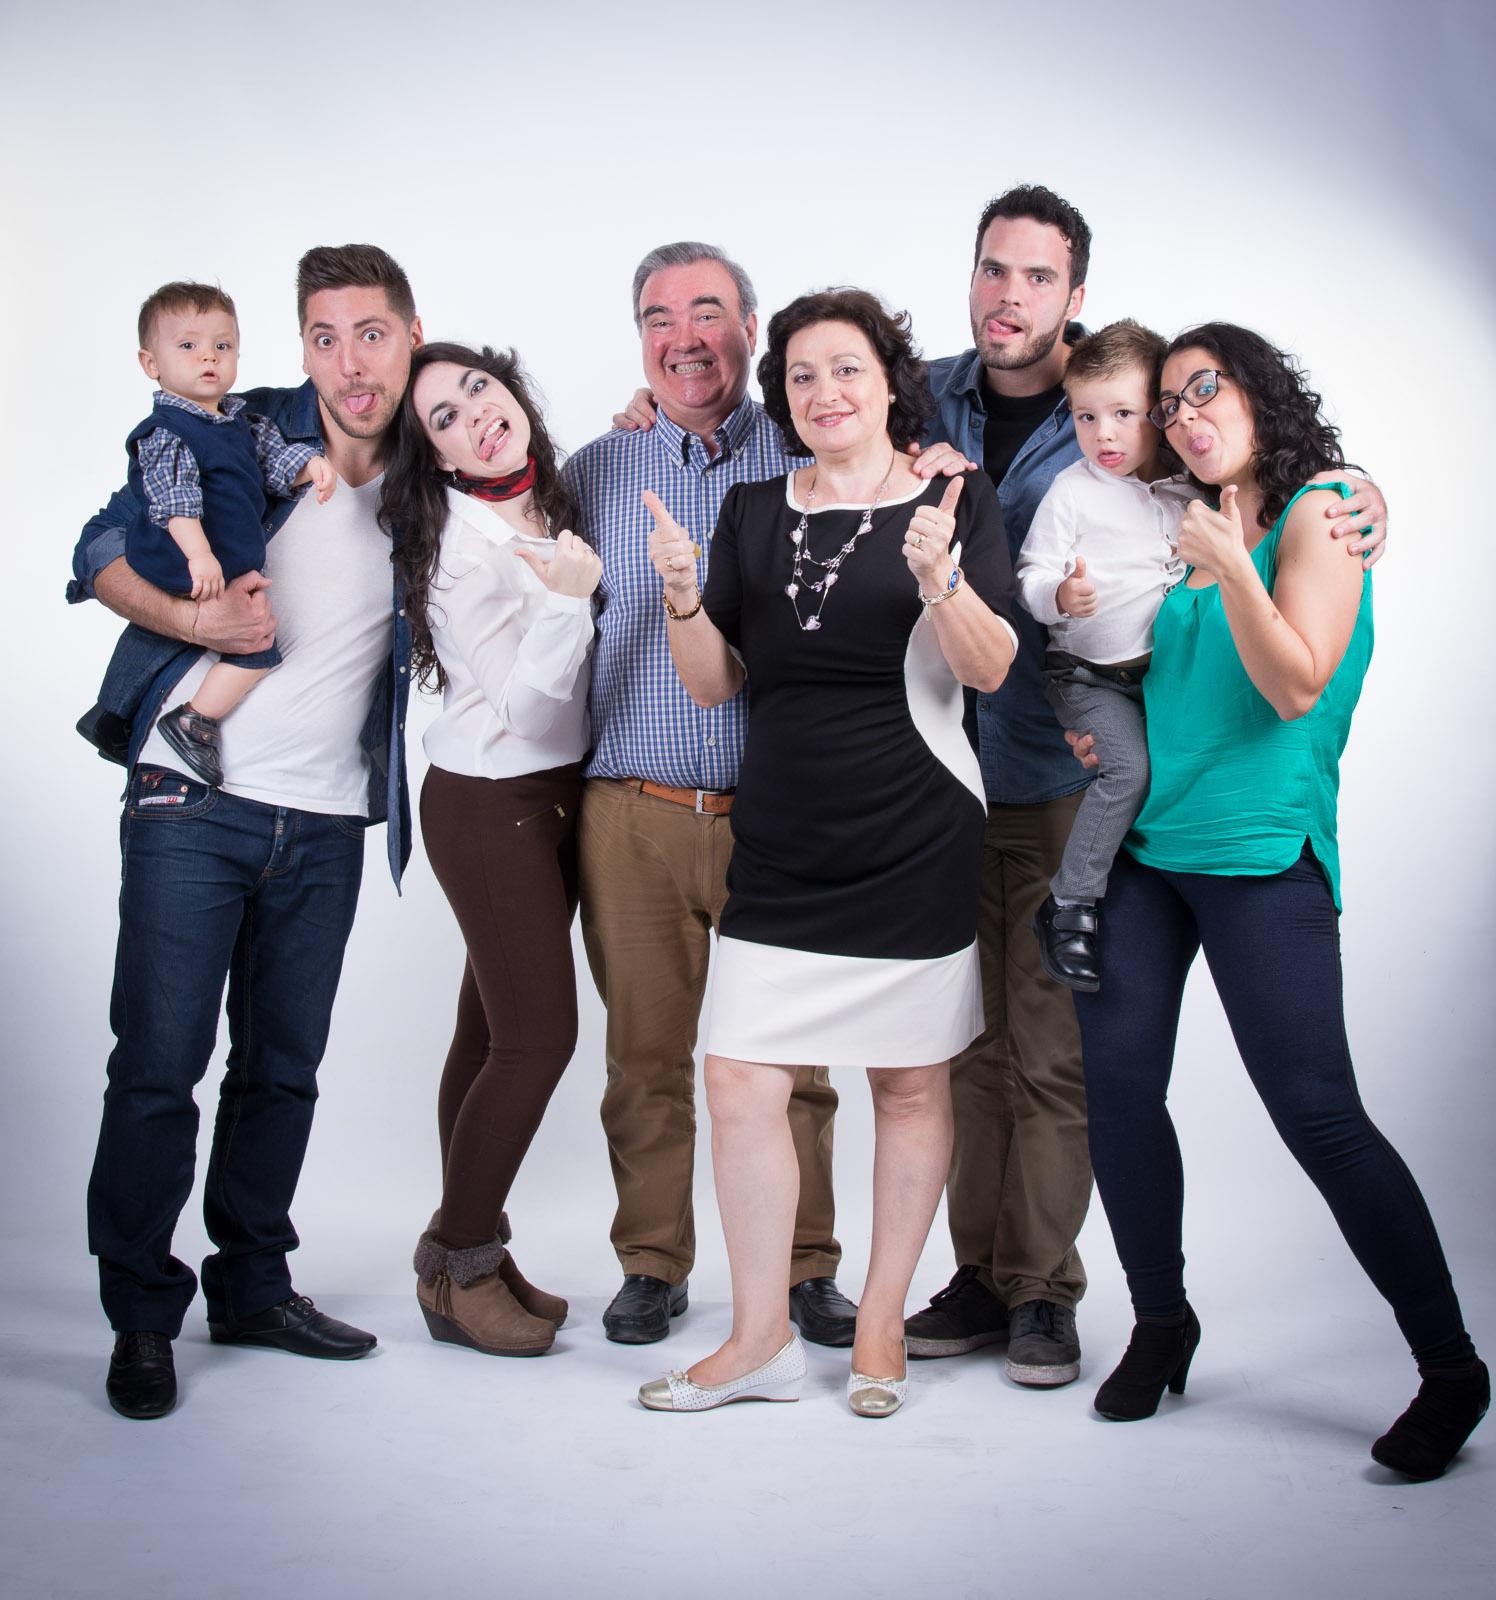 kidsfoto.es Sesión Fotográfica Familiar, fotógrafo de niños